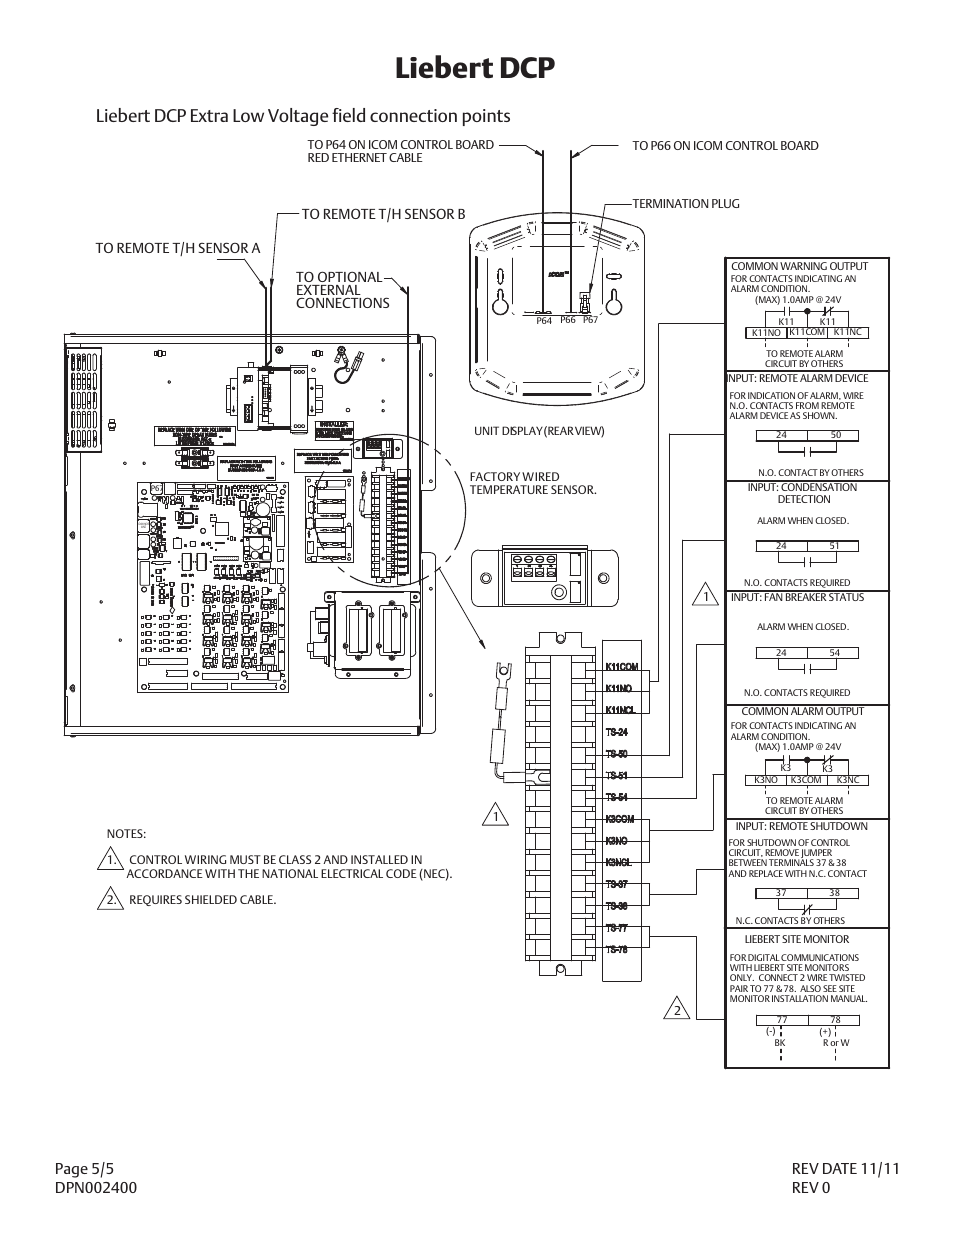 Liebert dcp | Liebert DCP DPN002400 User Manual | Page 5 / 5